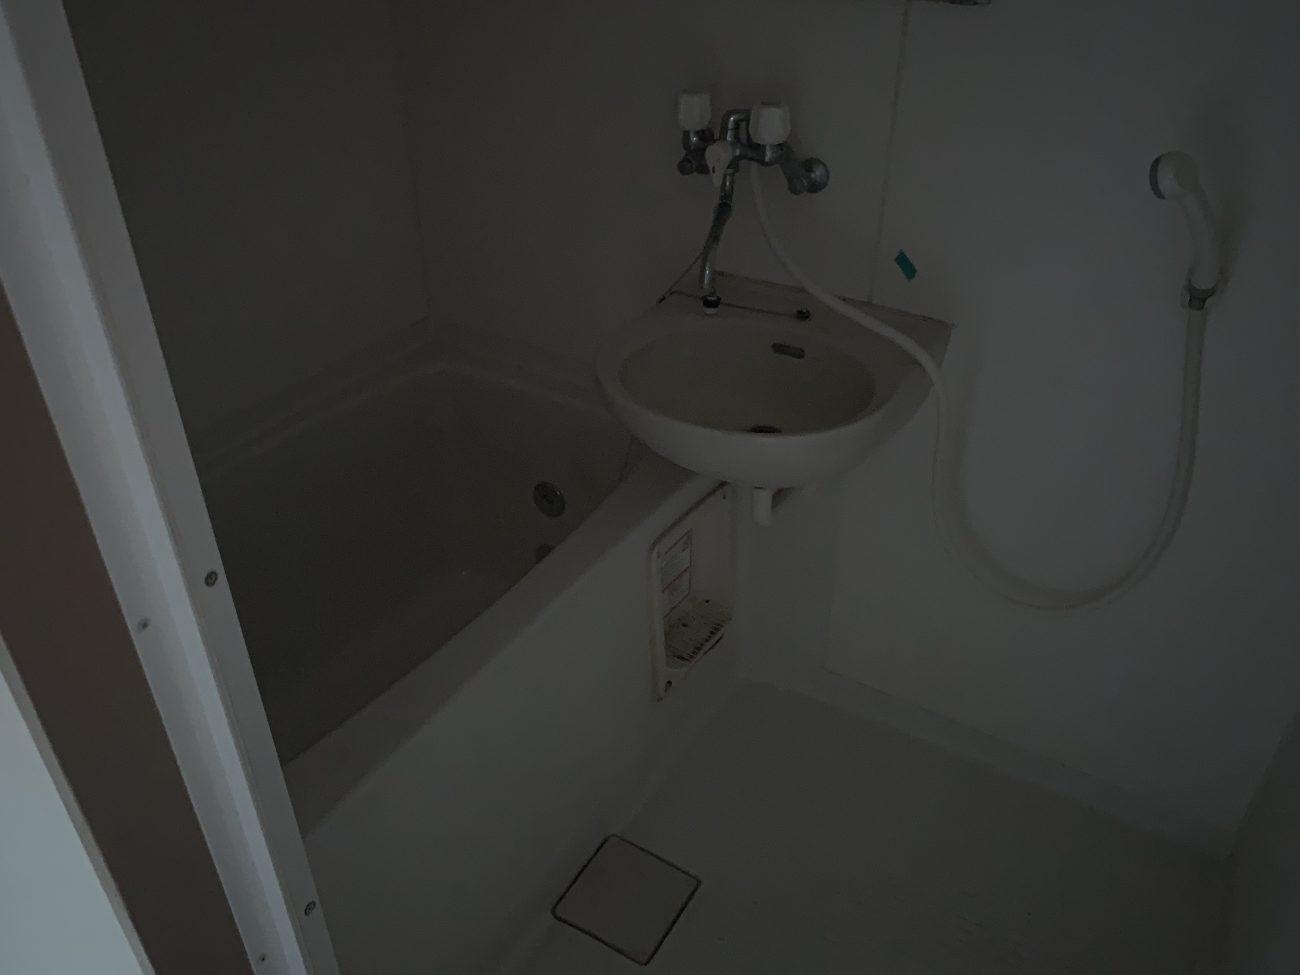 目黒 築40年 SRC 37㎡ 古部屋をナチュラル1LDKにフルリノベで賃料UP、即満室の画像